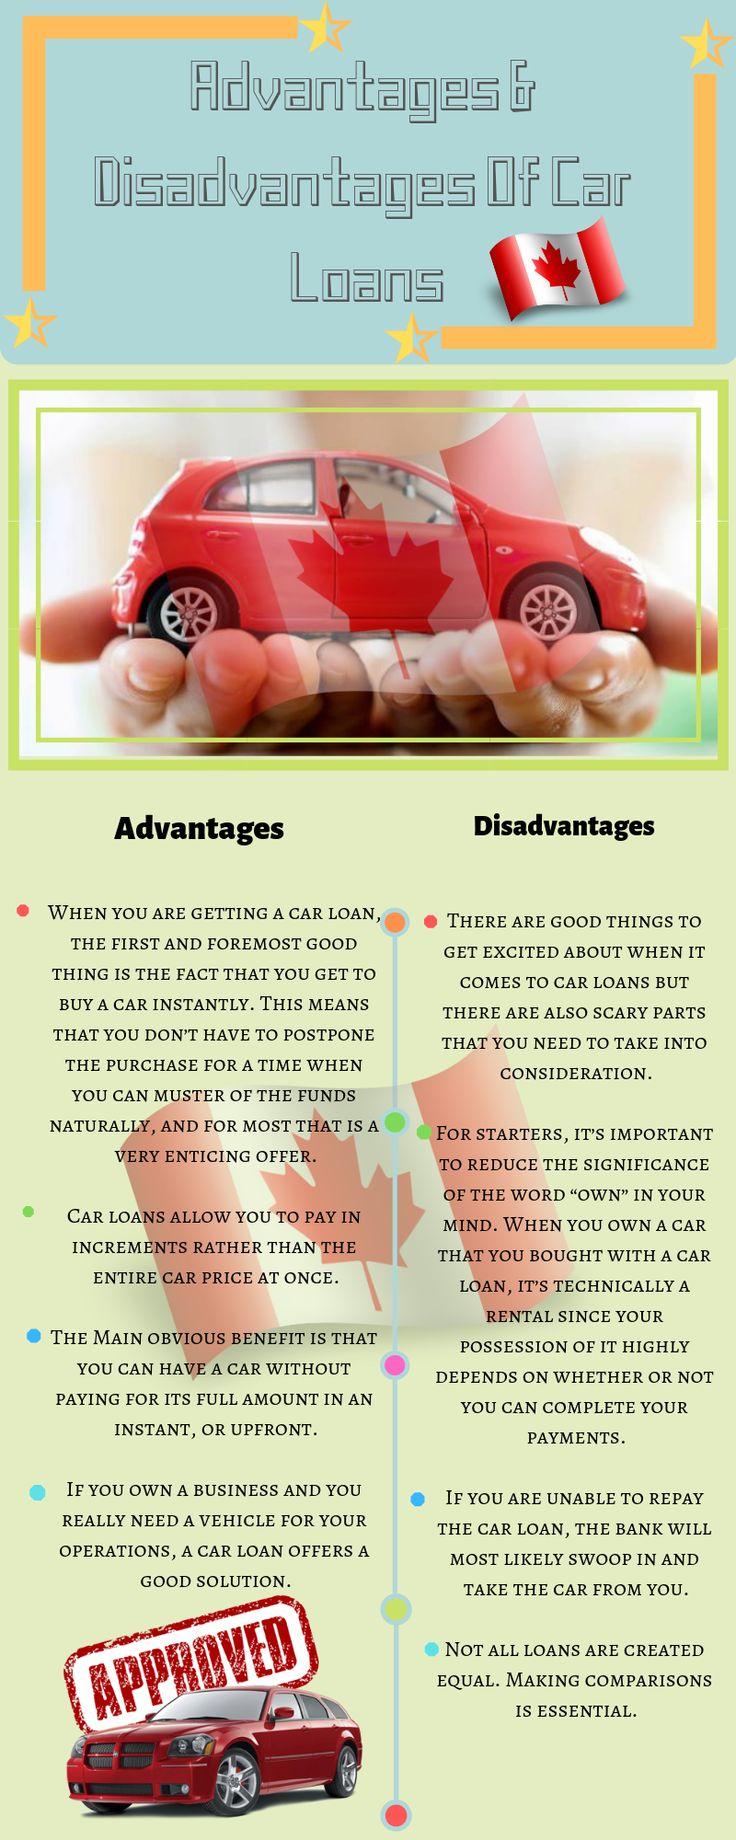 Advantages & Disadvantages of Car Loans Car loans, Loan